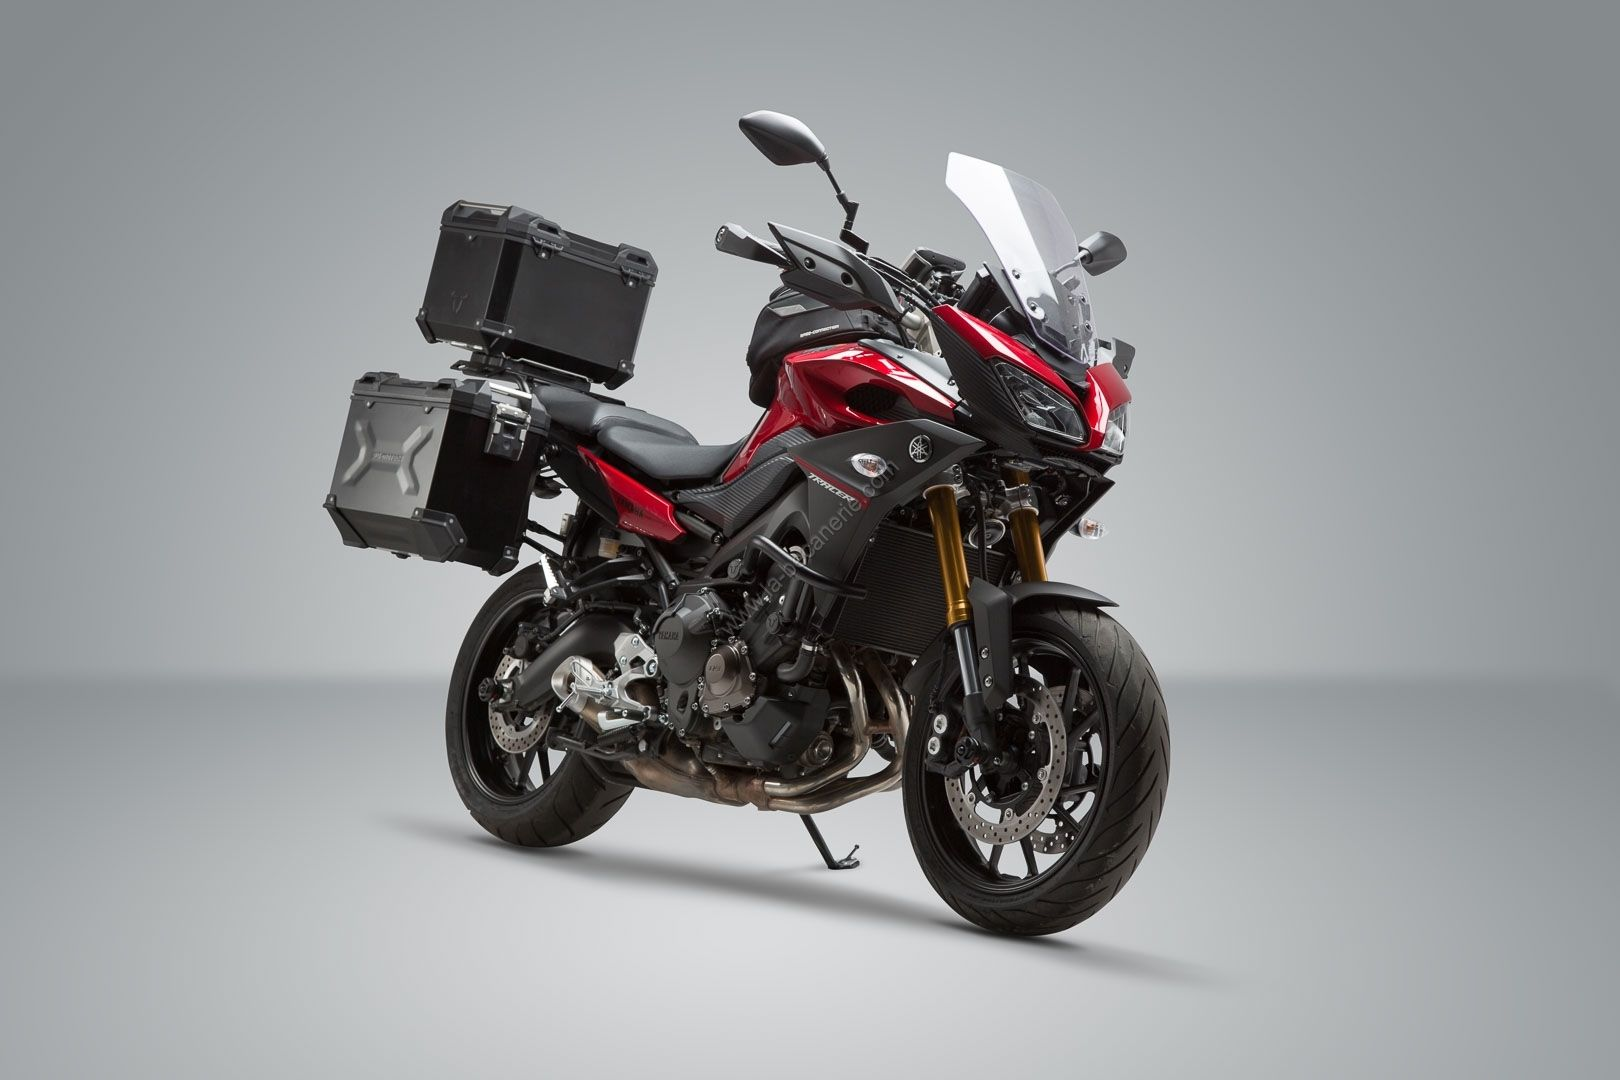 Tracer Noir Yamaha Aventure 18 15 09 Sw Mt Kit Pièces Motech Ok8nwX0P